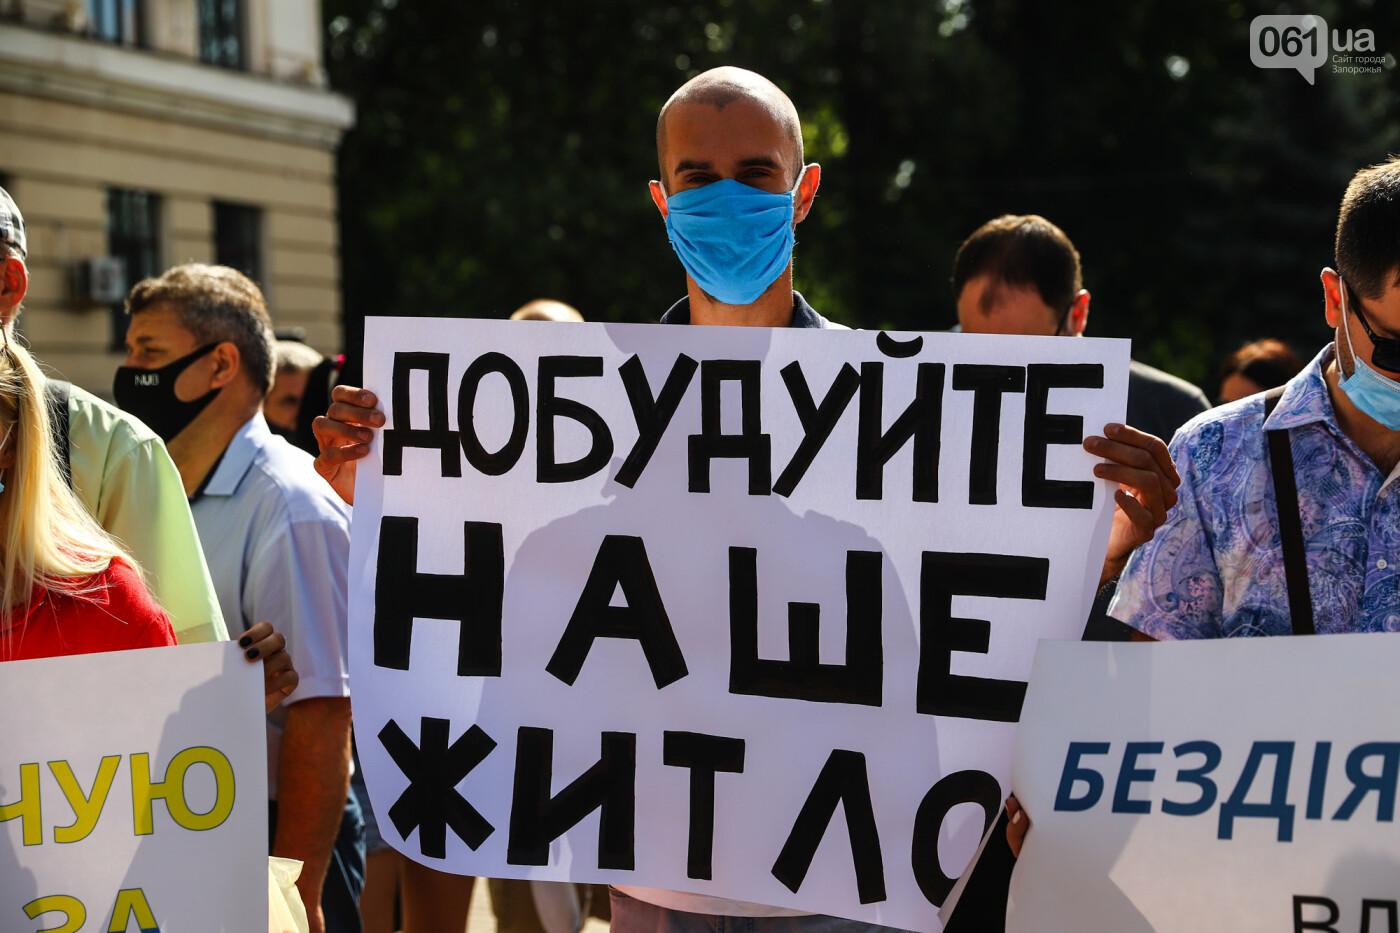 «Я выплачиваю кредит за воздух»: жильцы недостроенных многоэтажек вышли на митинг под стенами мэрии, - ФОТОРЕПОРТАЖ, фото-10